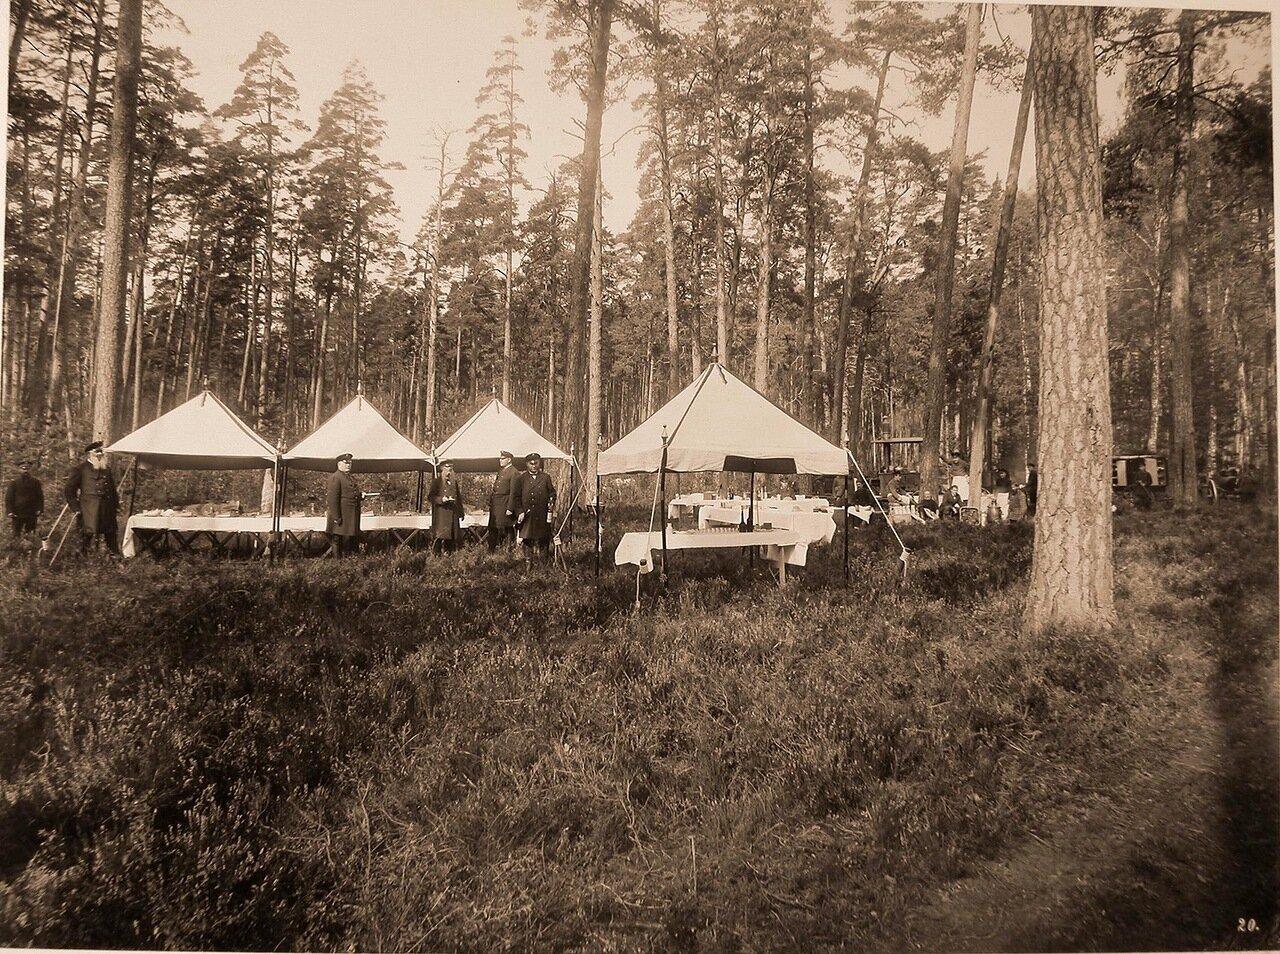 44. Повара и прислуга за приготовлением обеда в лесу для участников охоты - членов императорской фамилии и гостей